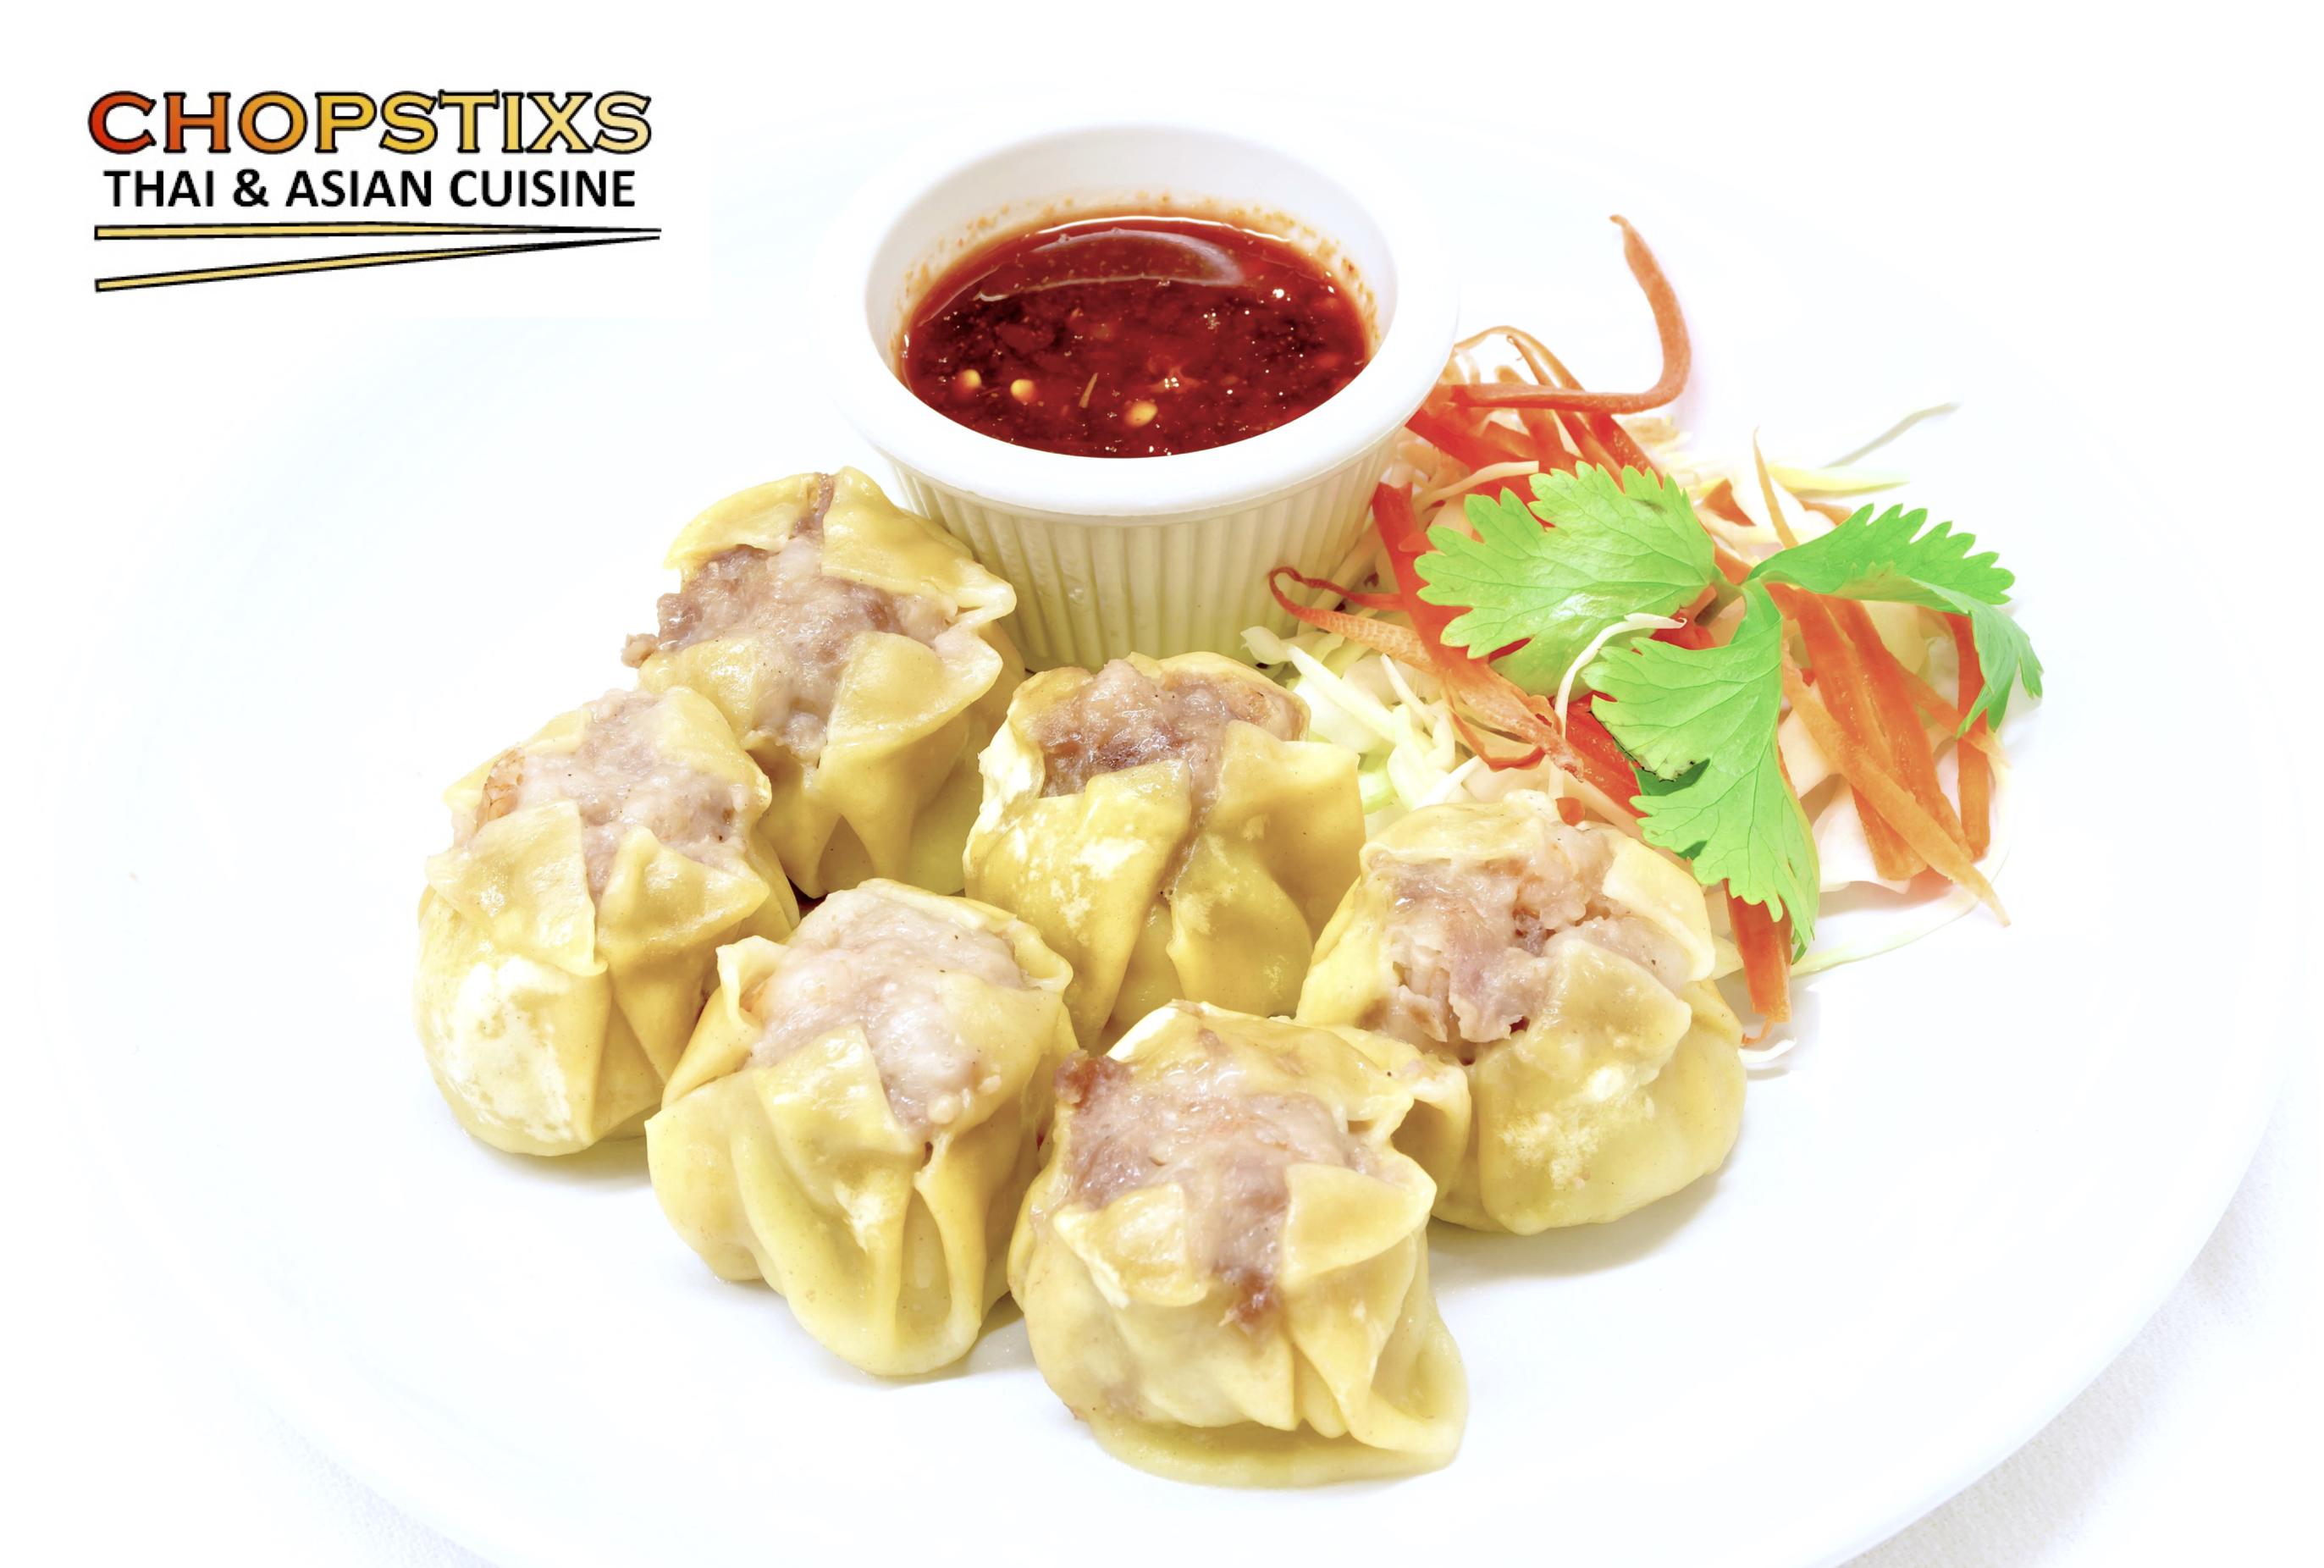 Shumai Dumplings (6pcs.)